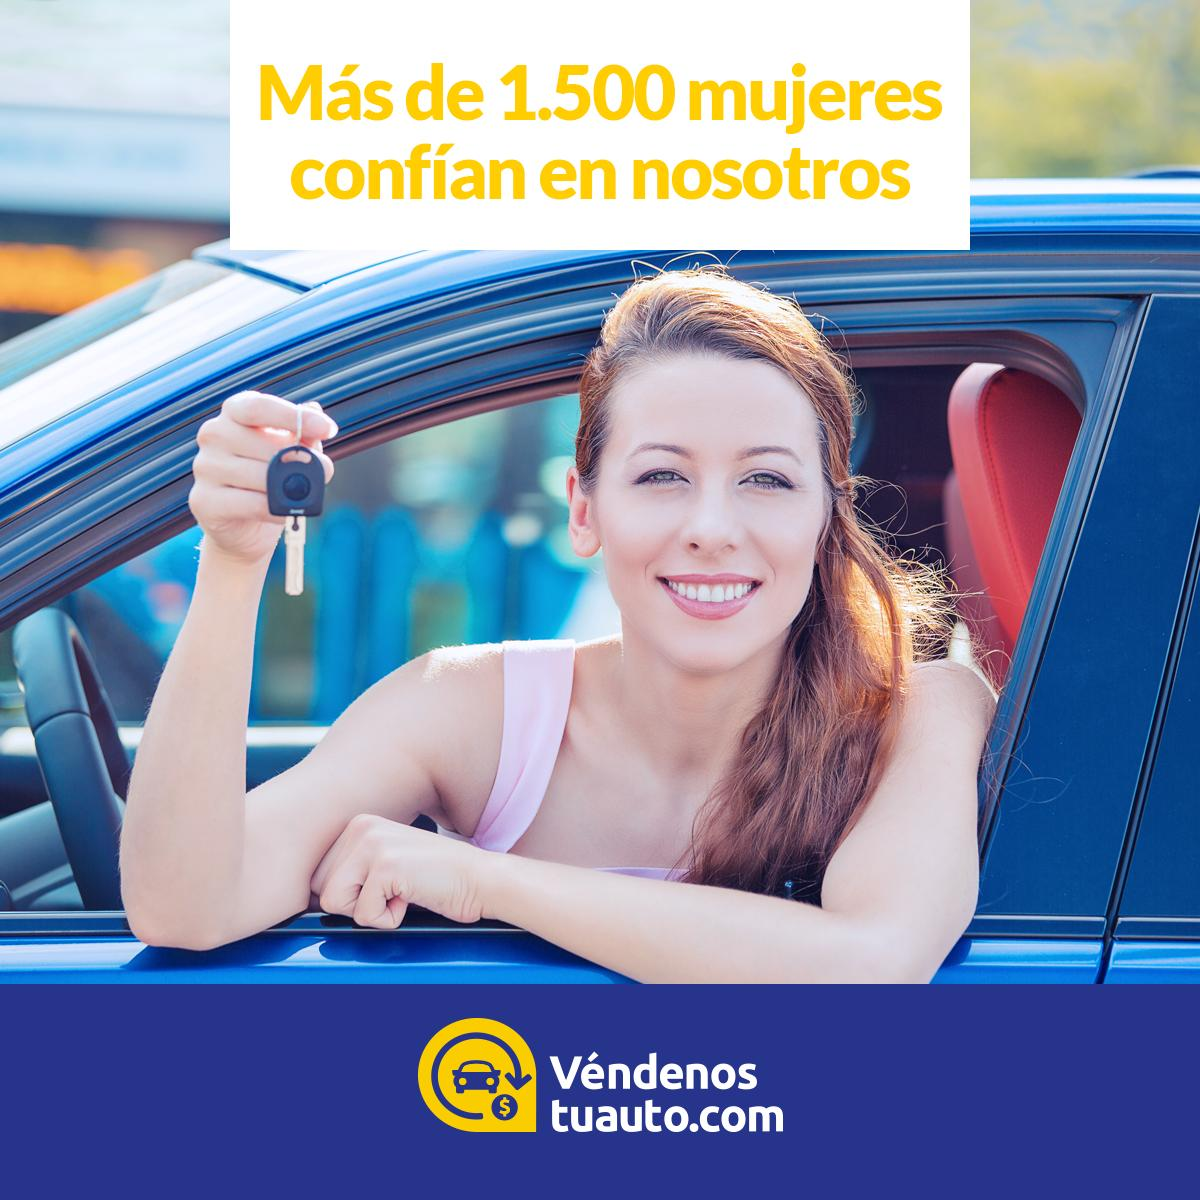 ¡Marzo mes de las mujeres! 👩 🌹 #SabíasQue más de 1.500 mujeres confiaron en nosotros y nos vendieron sus autos.  #Autos #Chile #Mujer #Véndenostuauto #Marzo https://t.co/kGZwEjvRYe